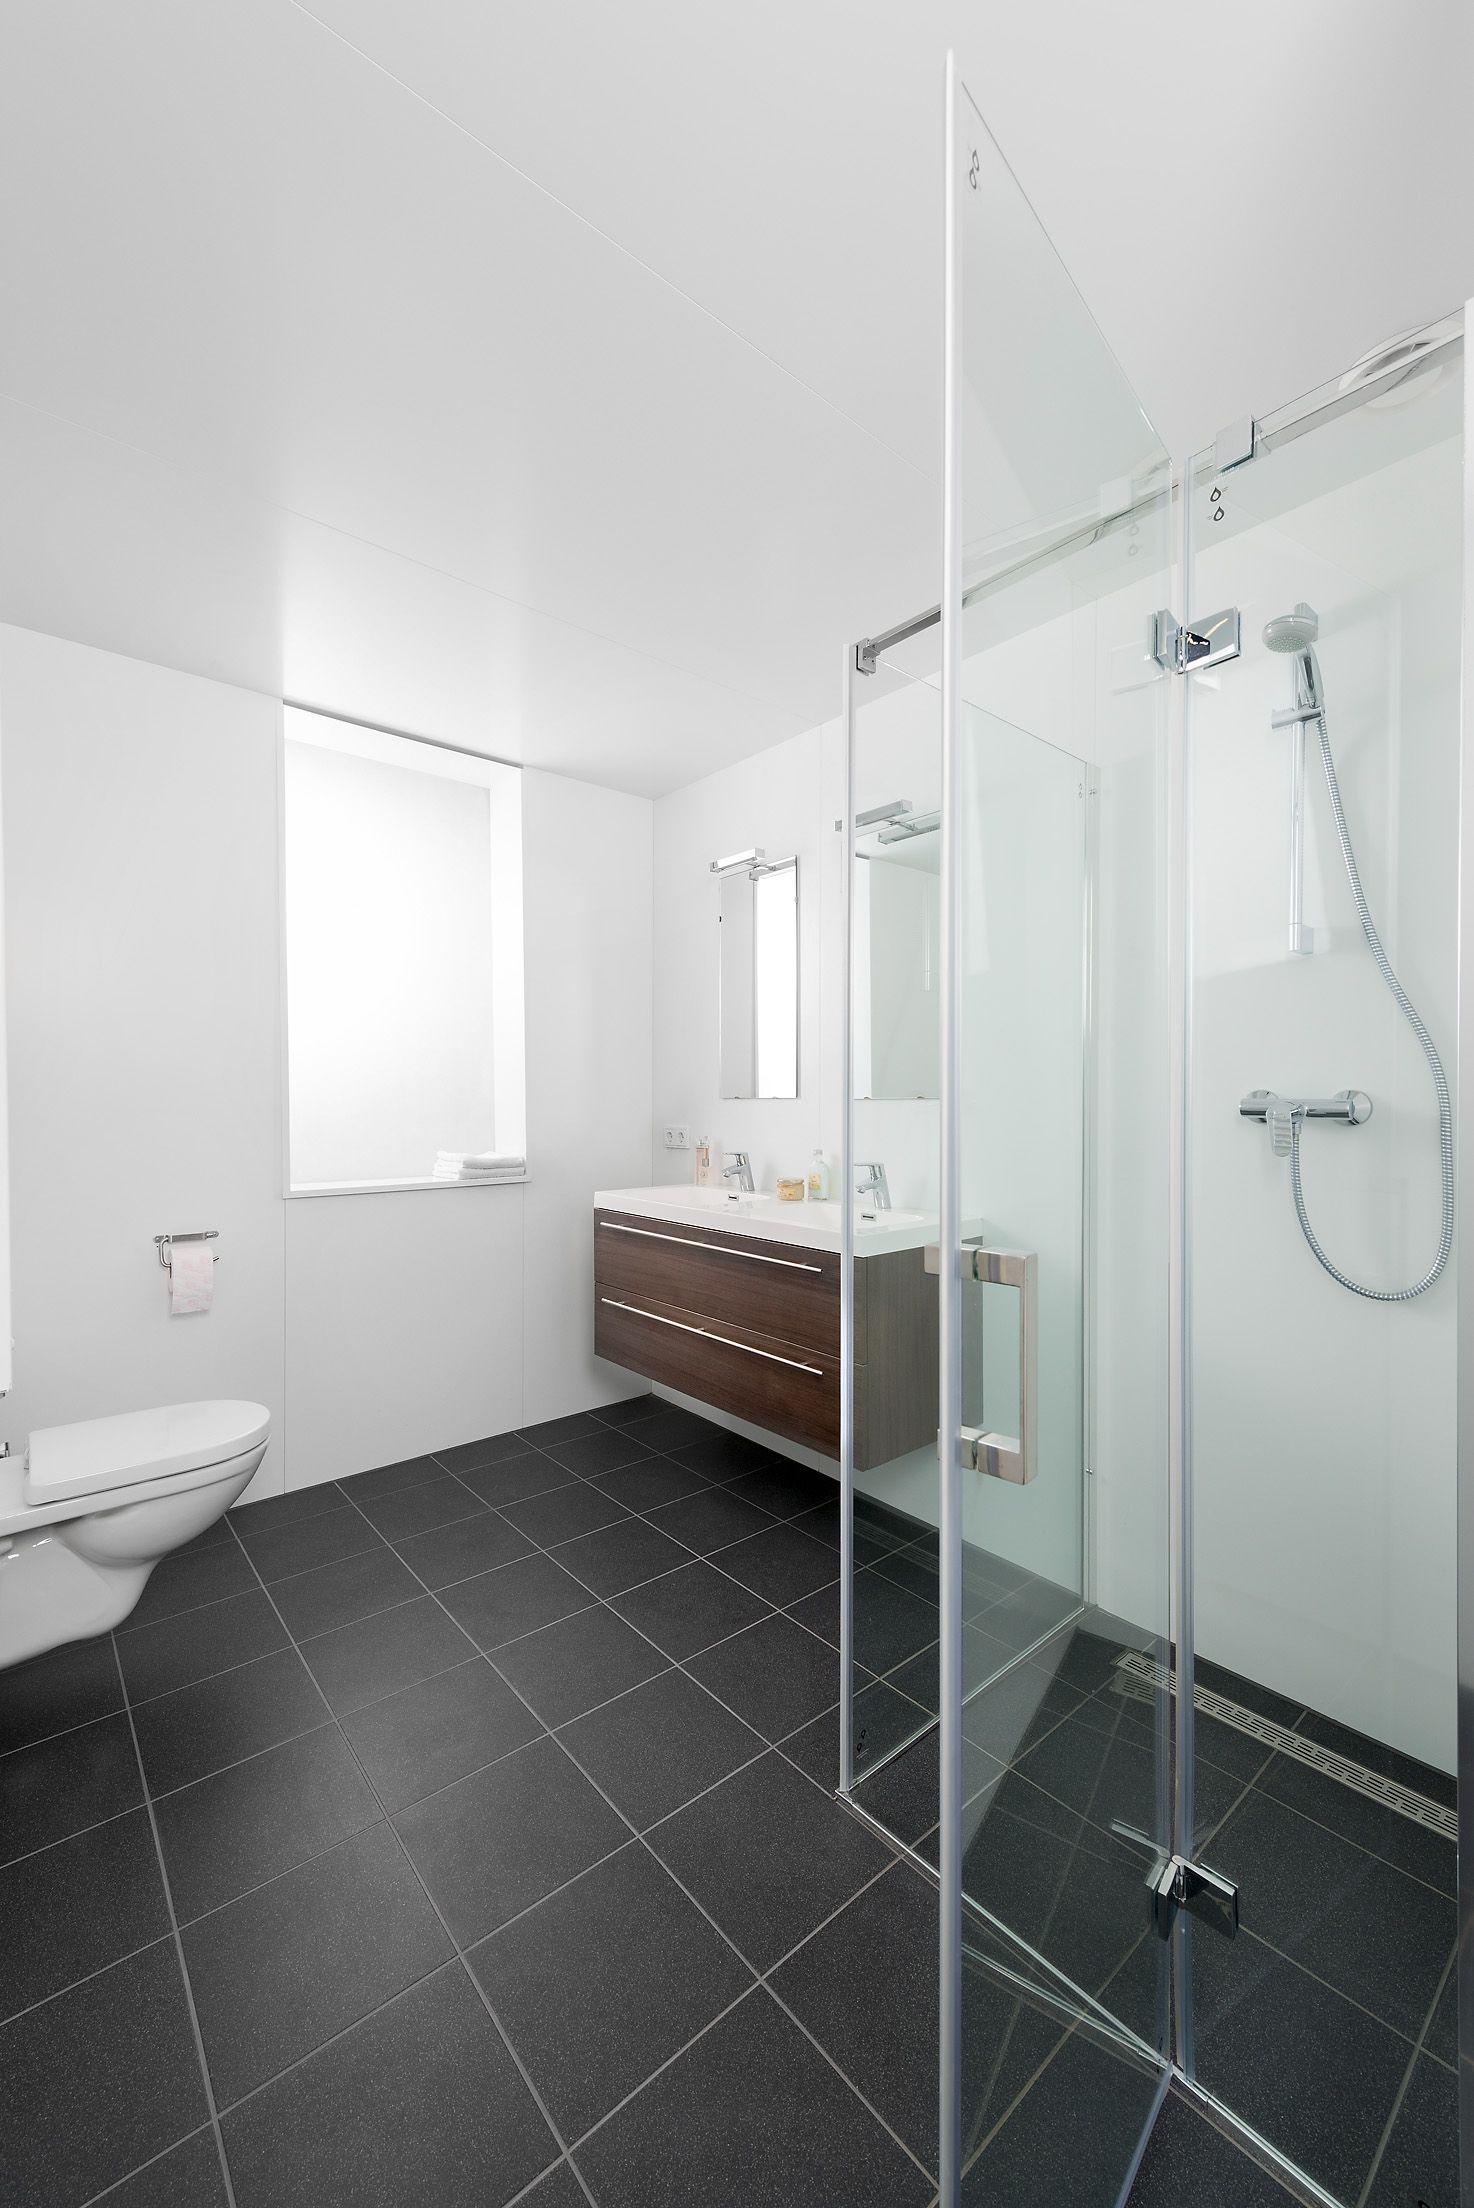 prefab badkamer voor de huursector www.mycuby.nl   Ontwerpen prefab ...